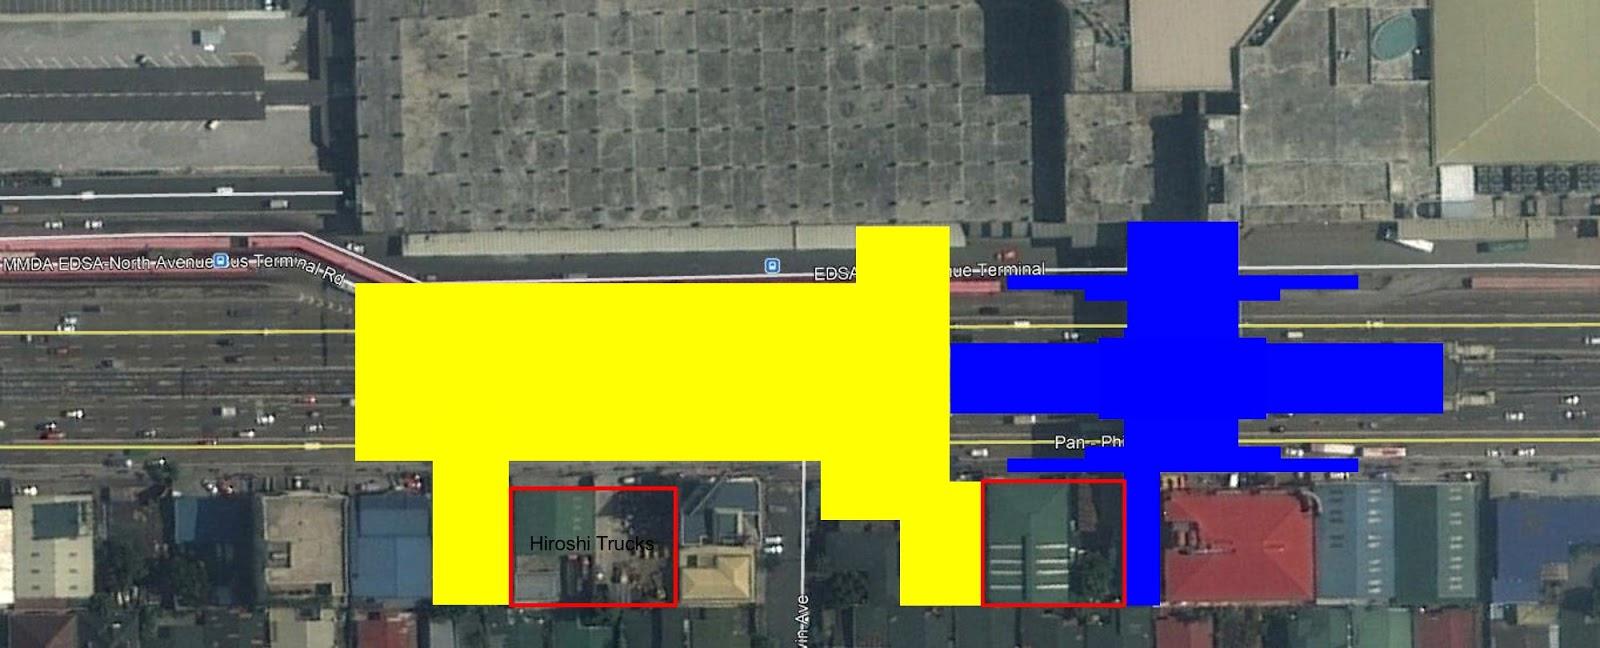 7a338a480dcdd EDSA LRT-1 and MRT-3 station site development plan